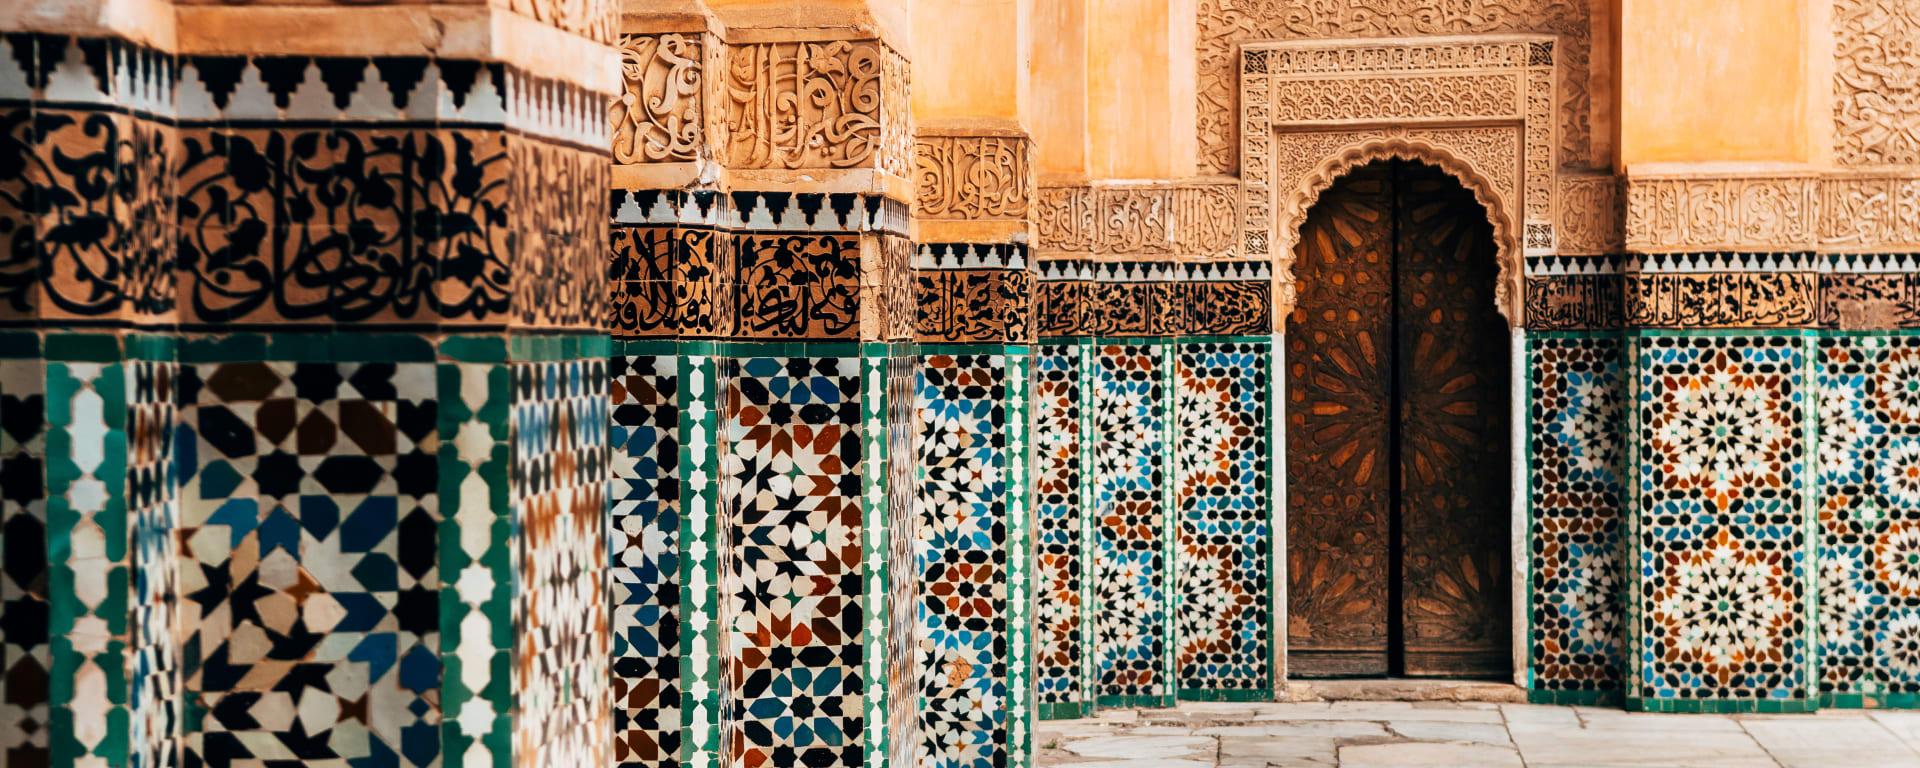 Marokko entdecken mit Tischler Reisen: Marokko Ornamente Innenhof